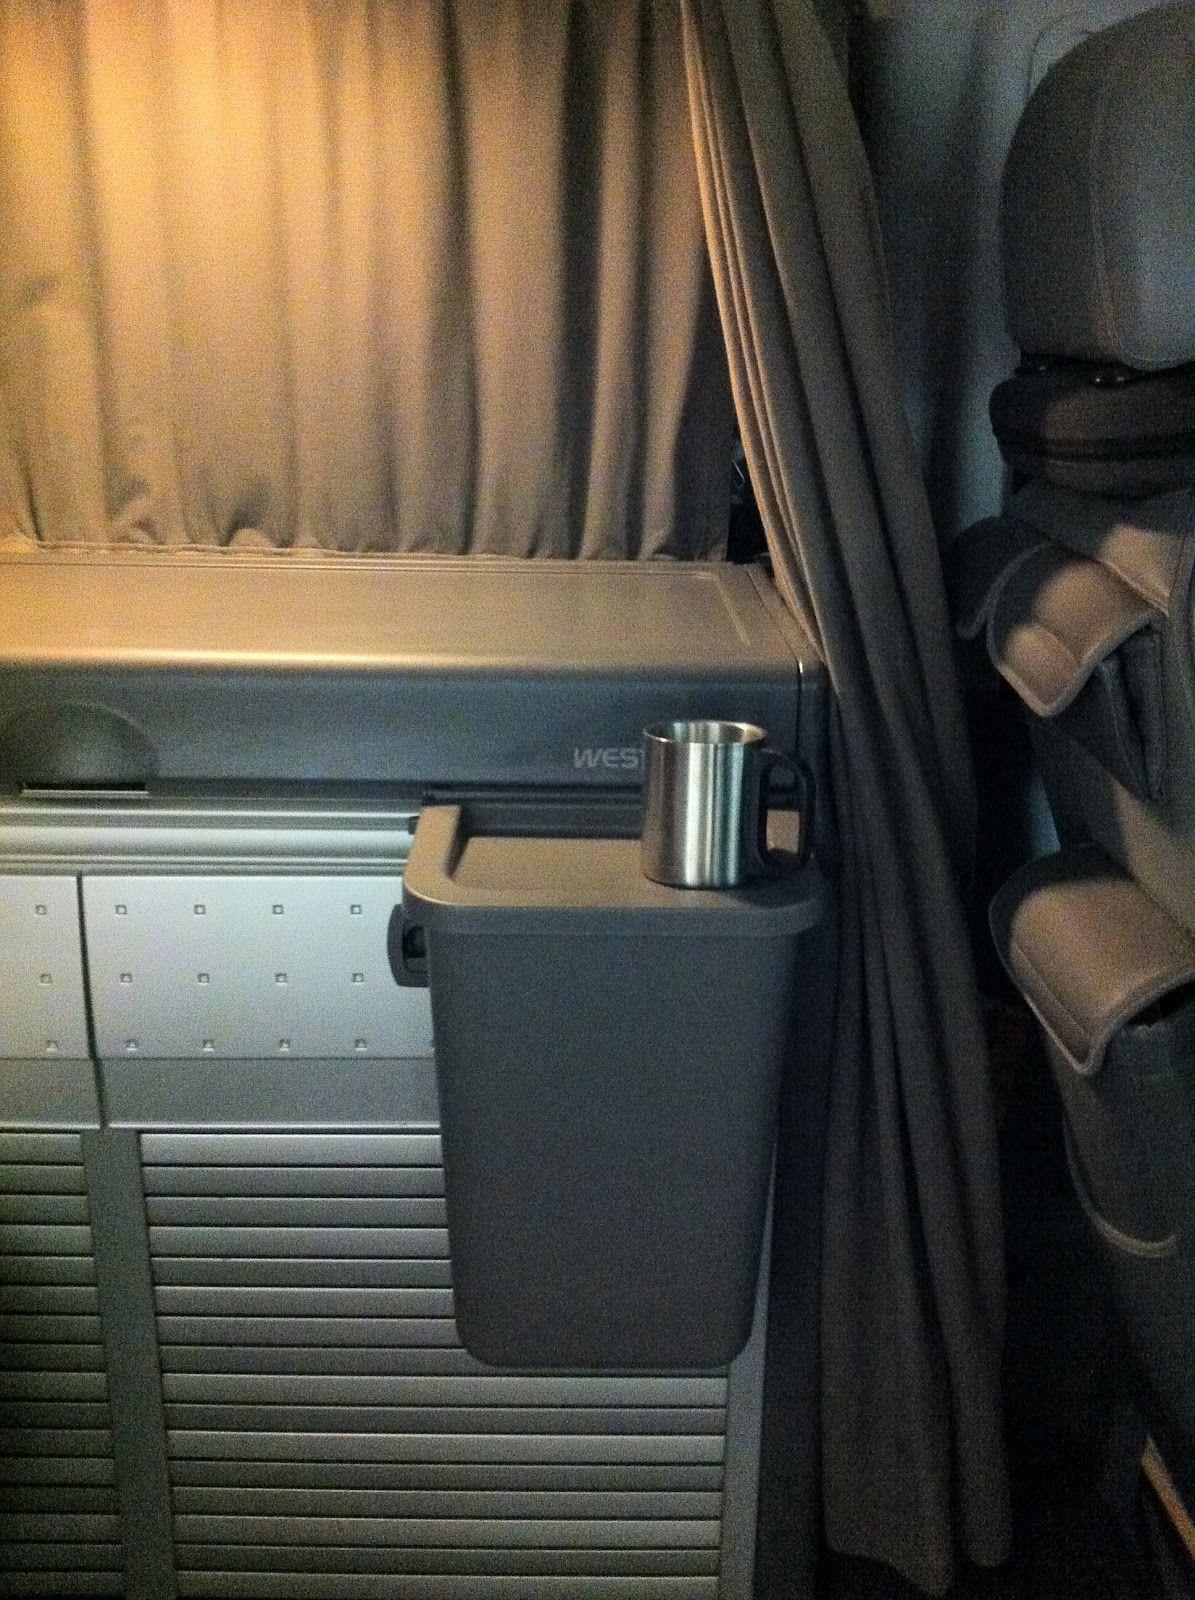 De 300 a 9. Adaptación de la papelera RATIONELL de Ikea a una furgoneta Viano.